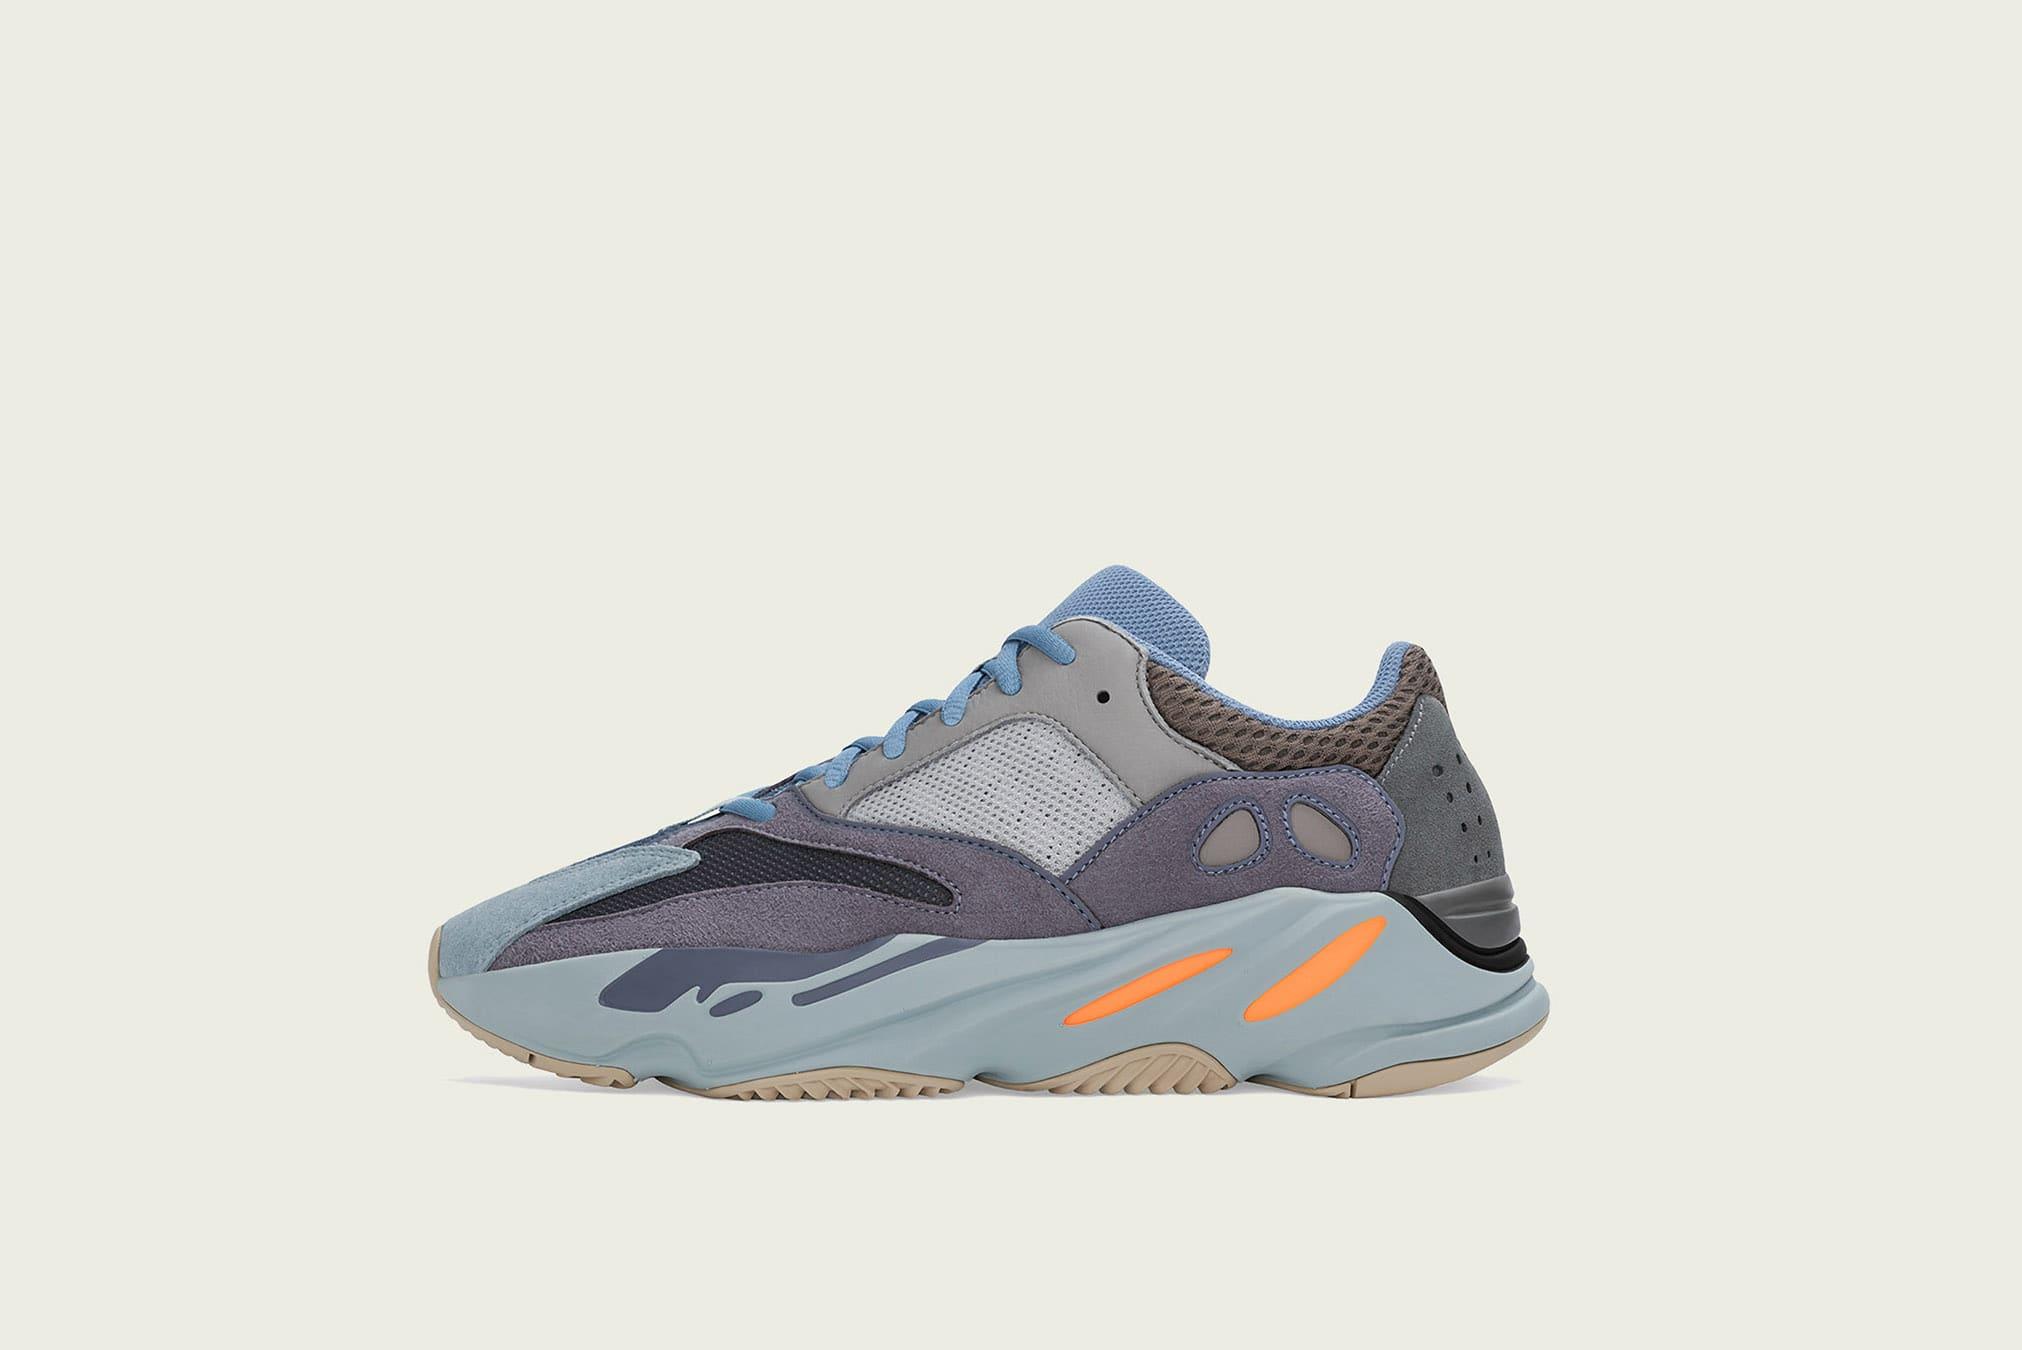 adidas yeezy boost v1